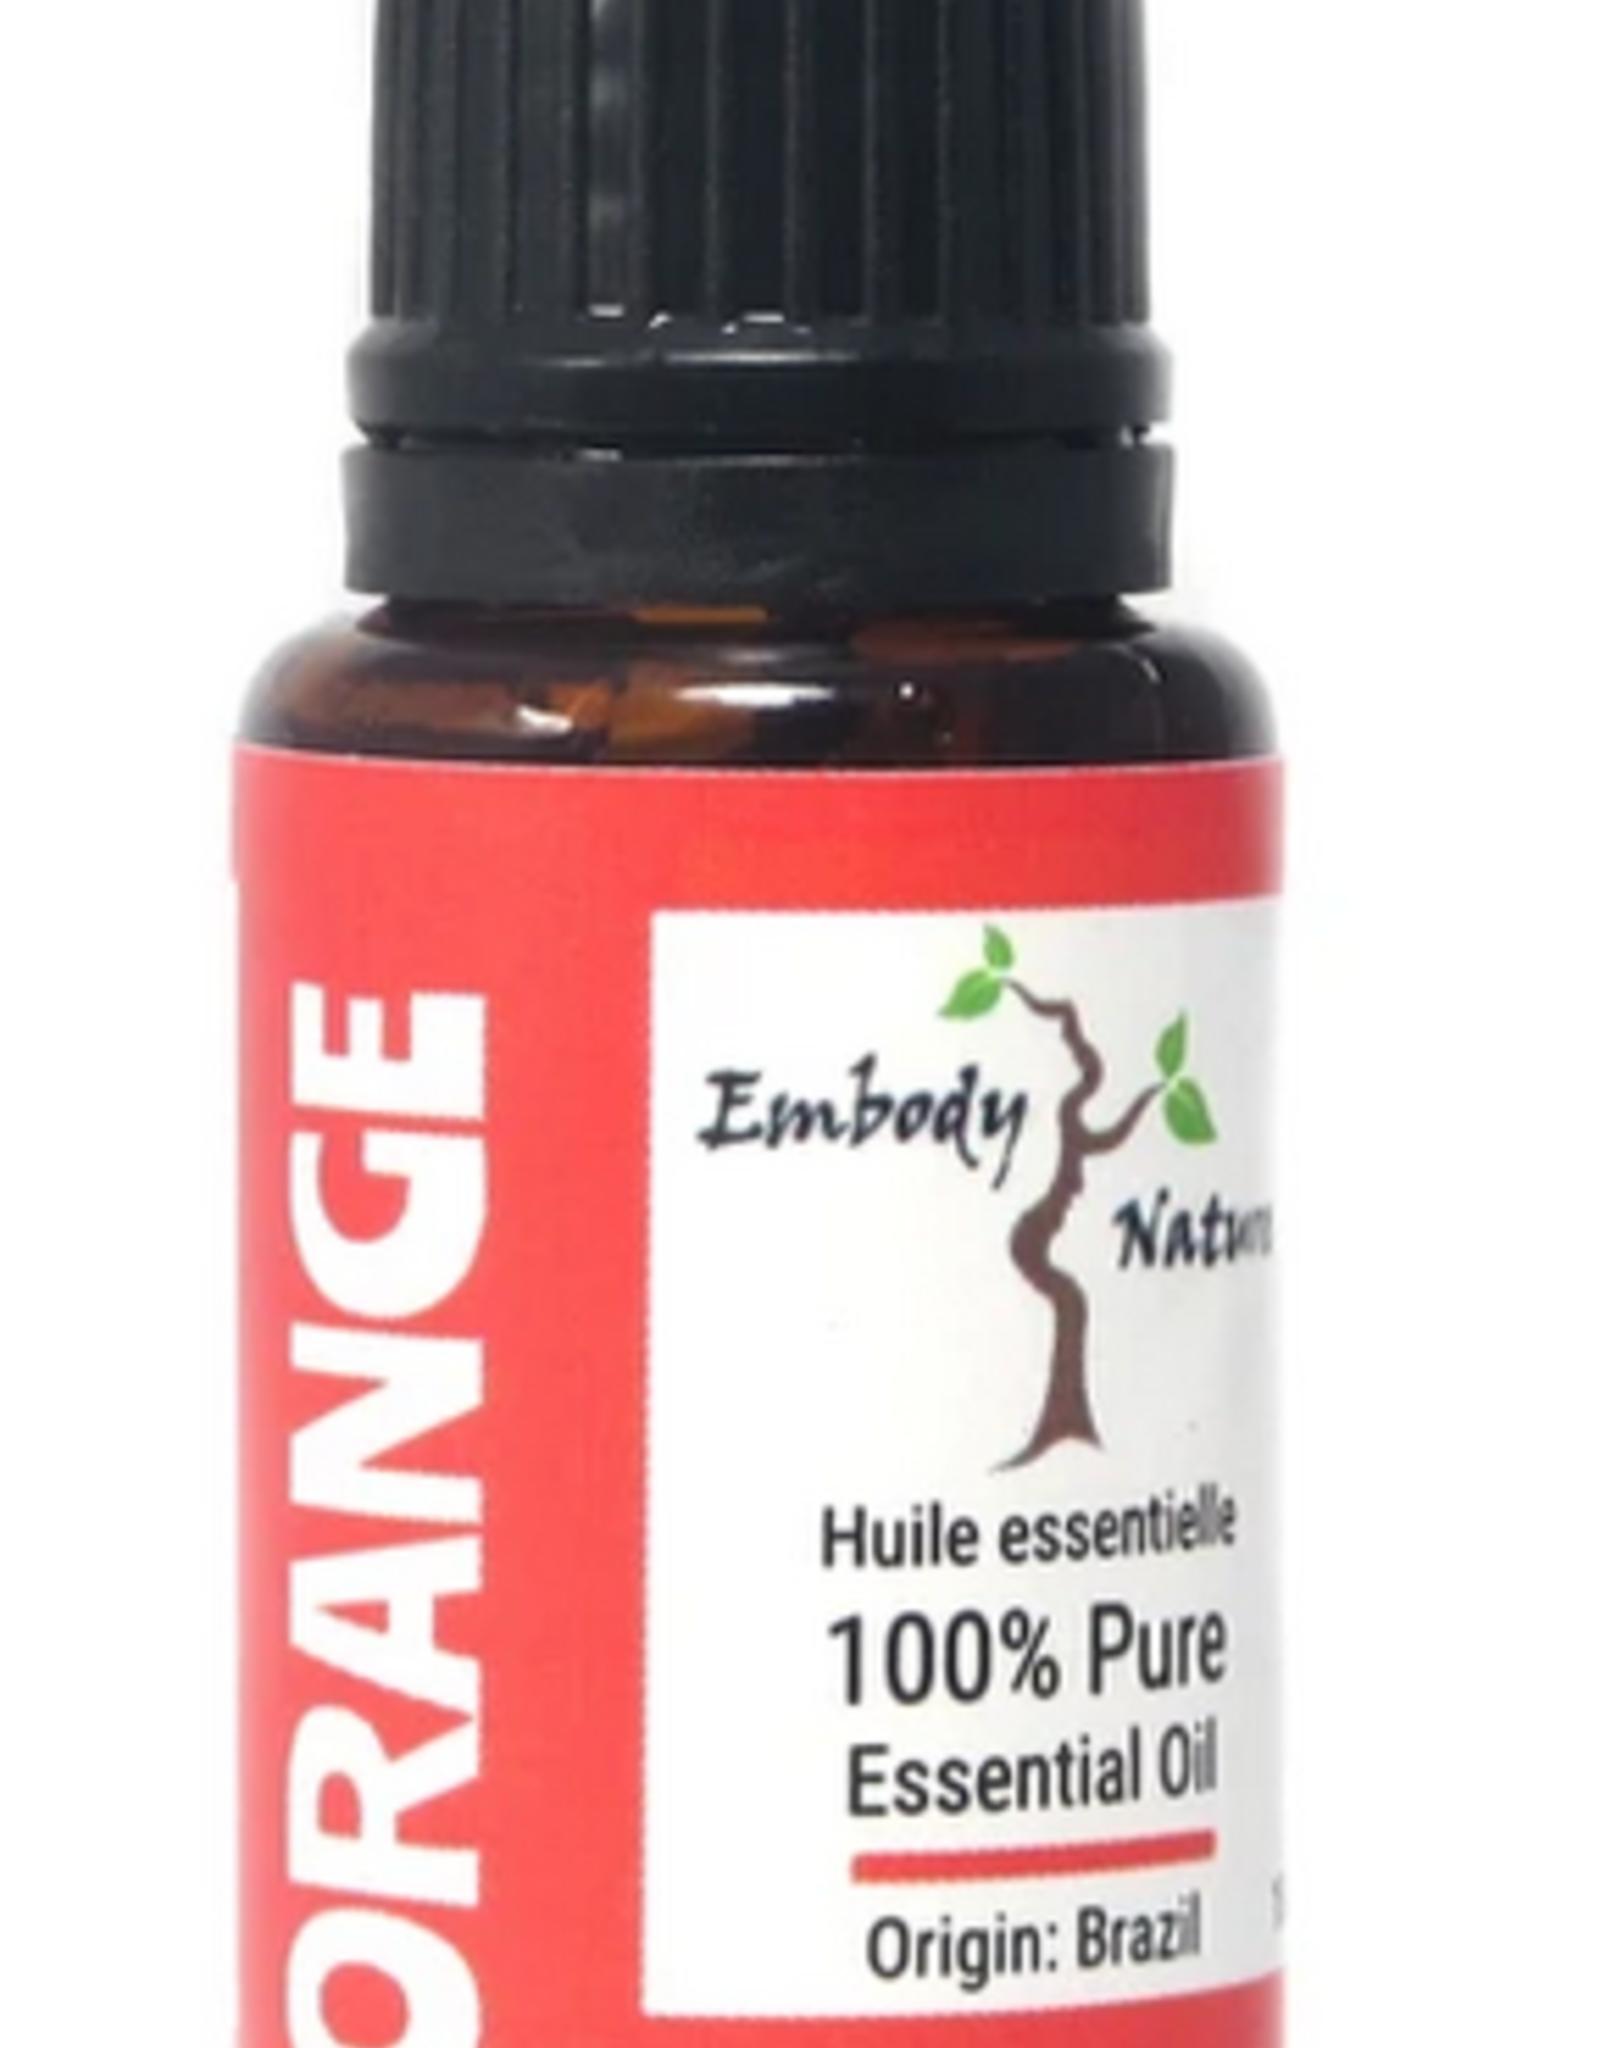 Embody Nature Orange Essential Oil